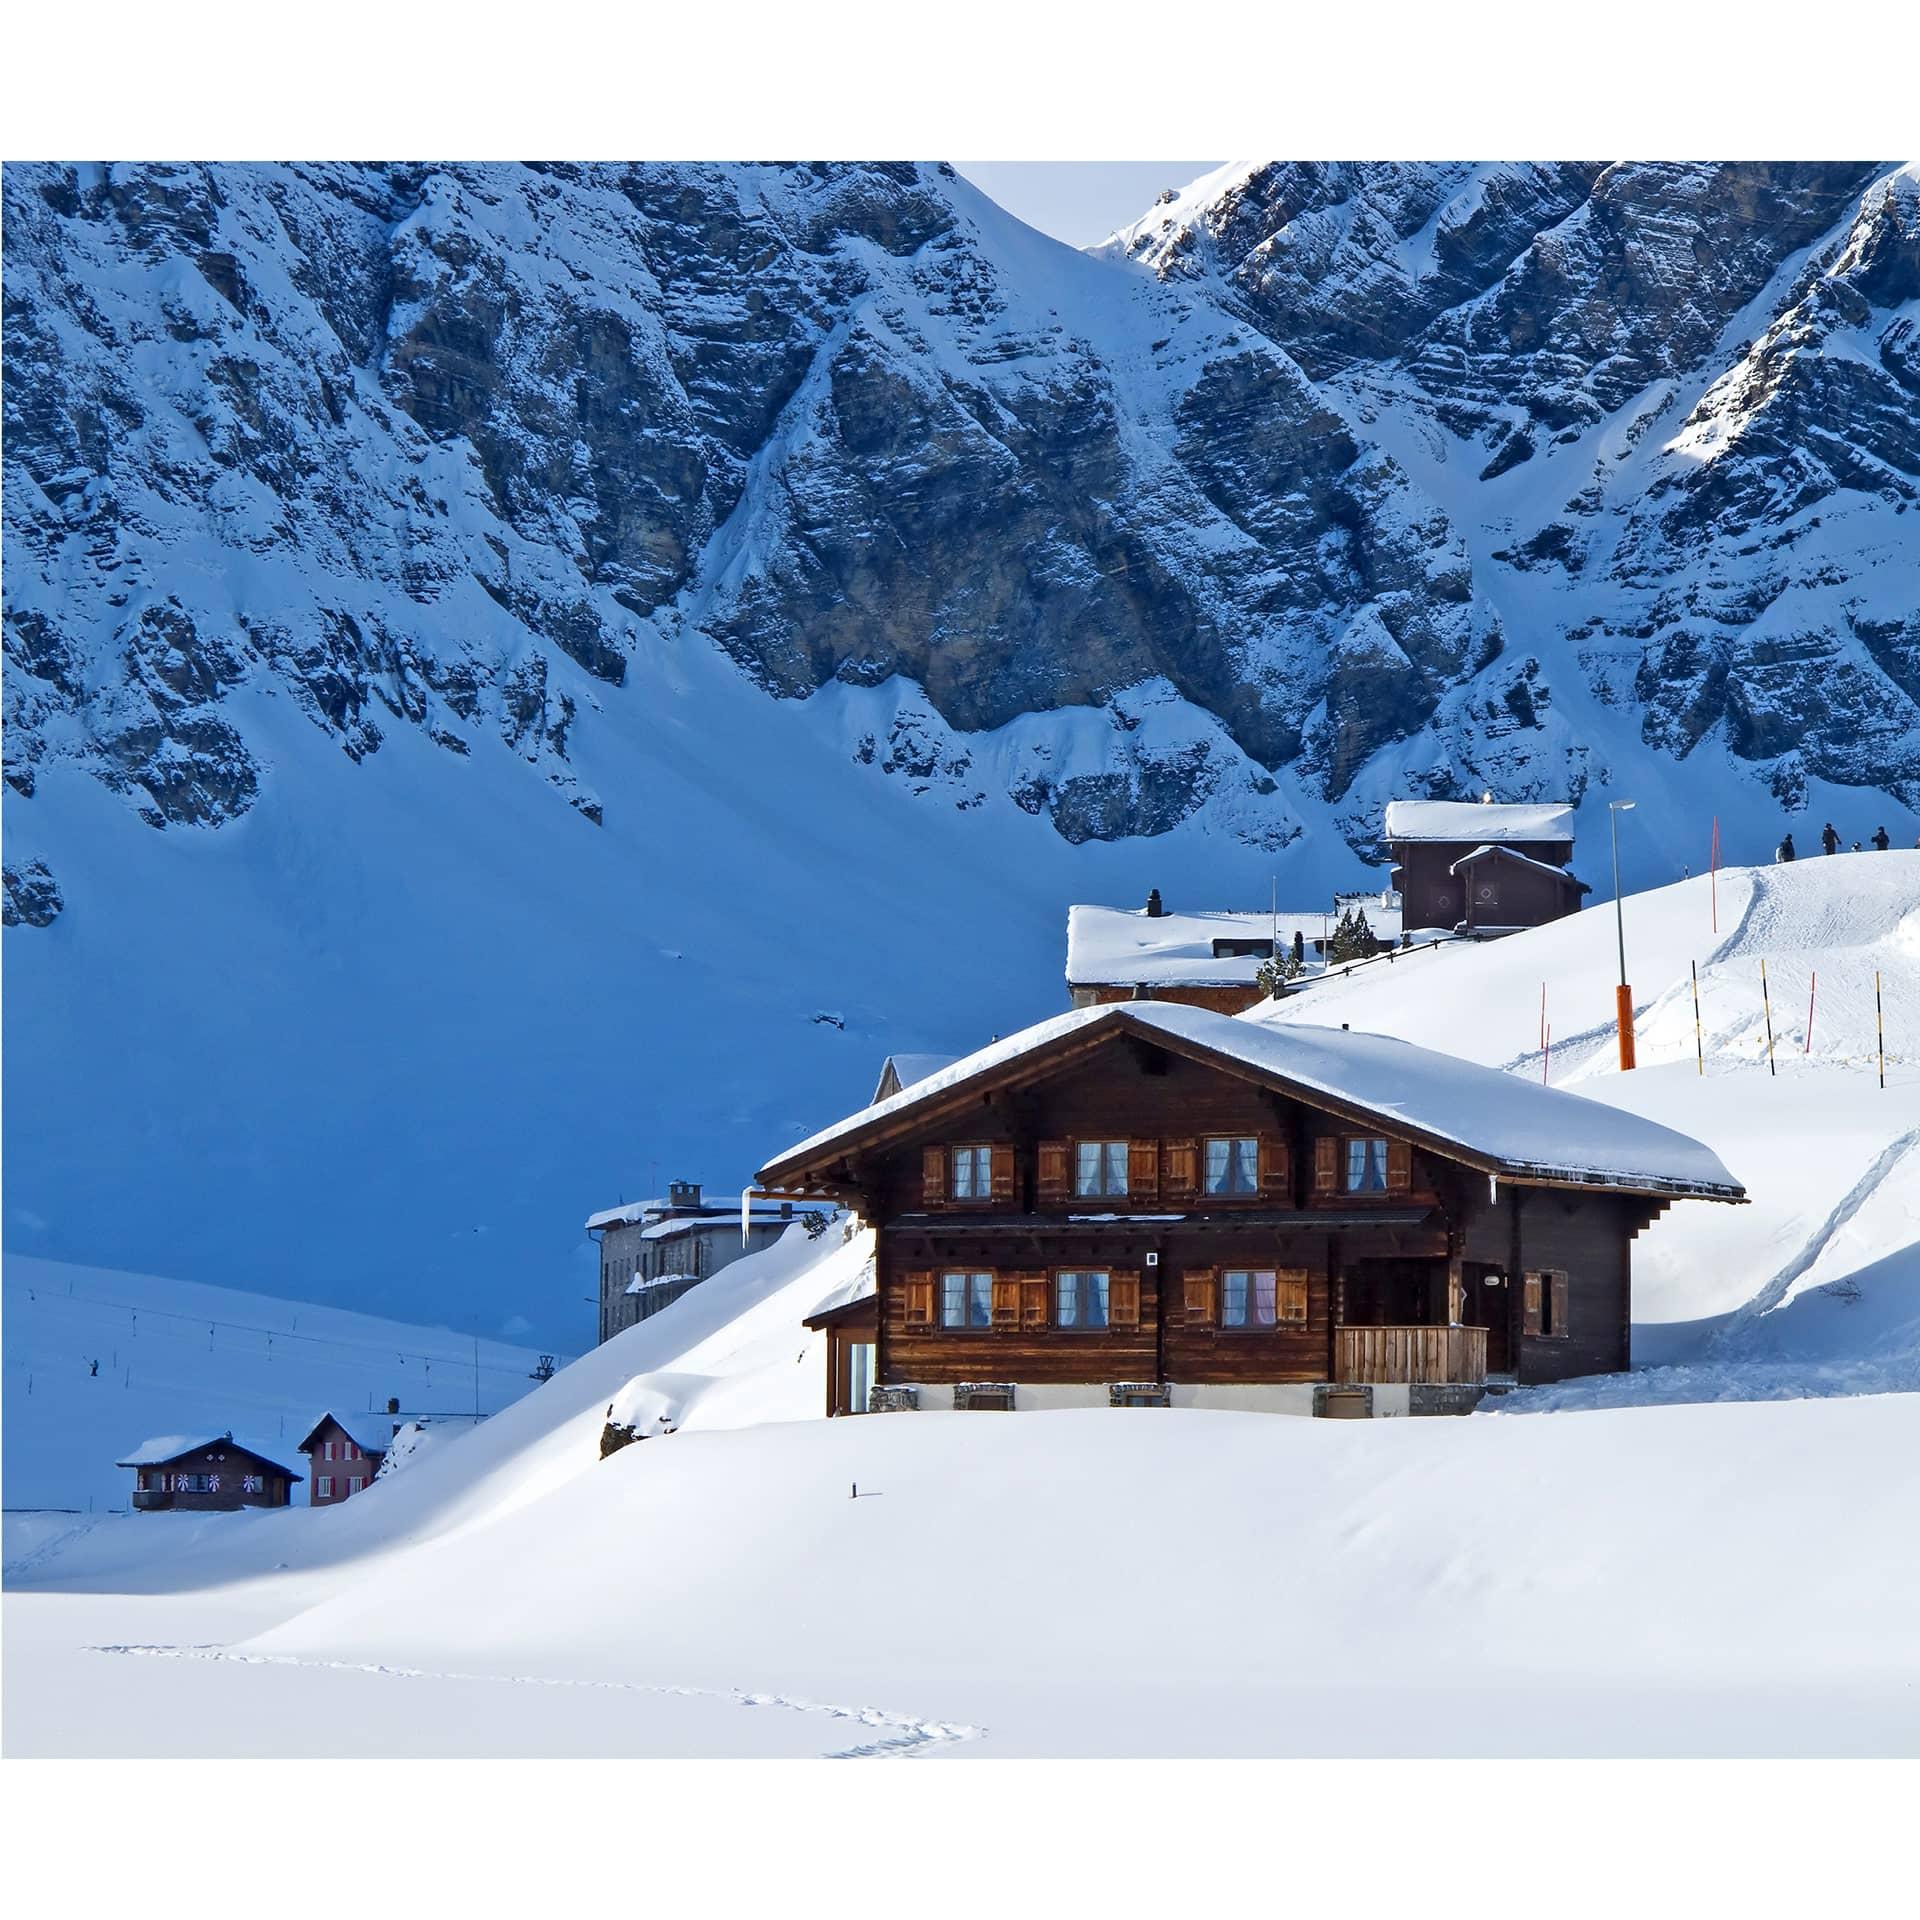 Fototapete ferienh tte in den schweizer alpen wall - Alpen dekoration ...